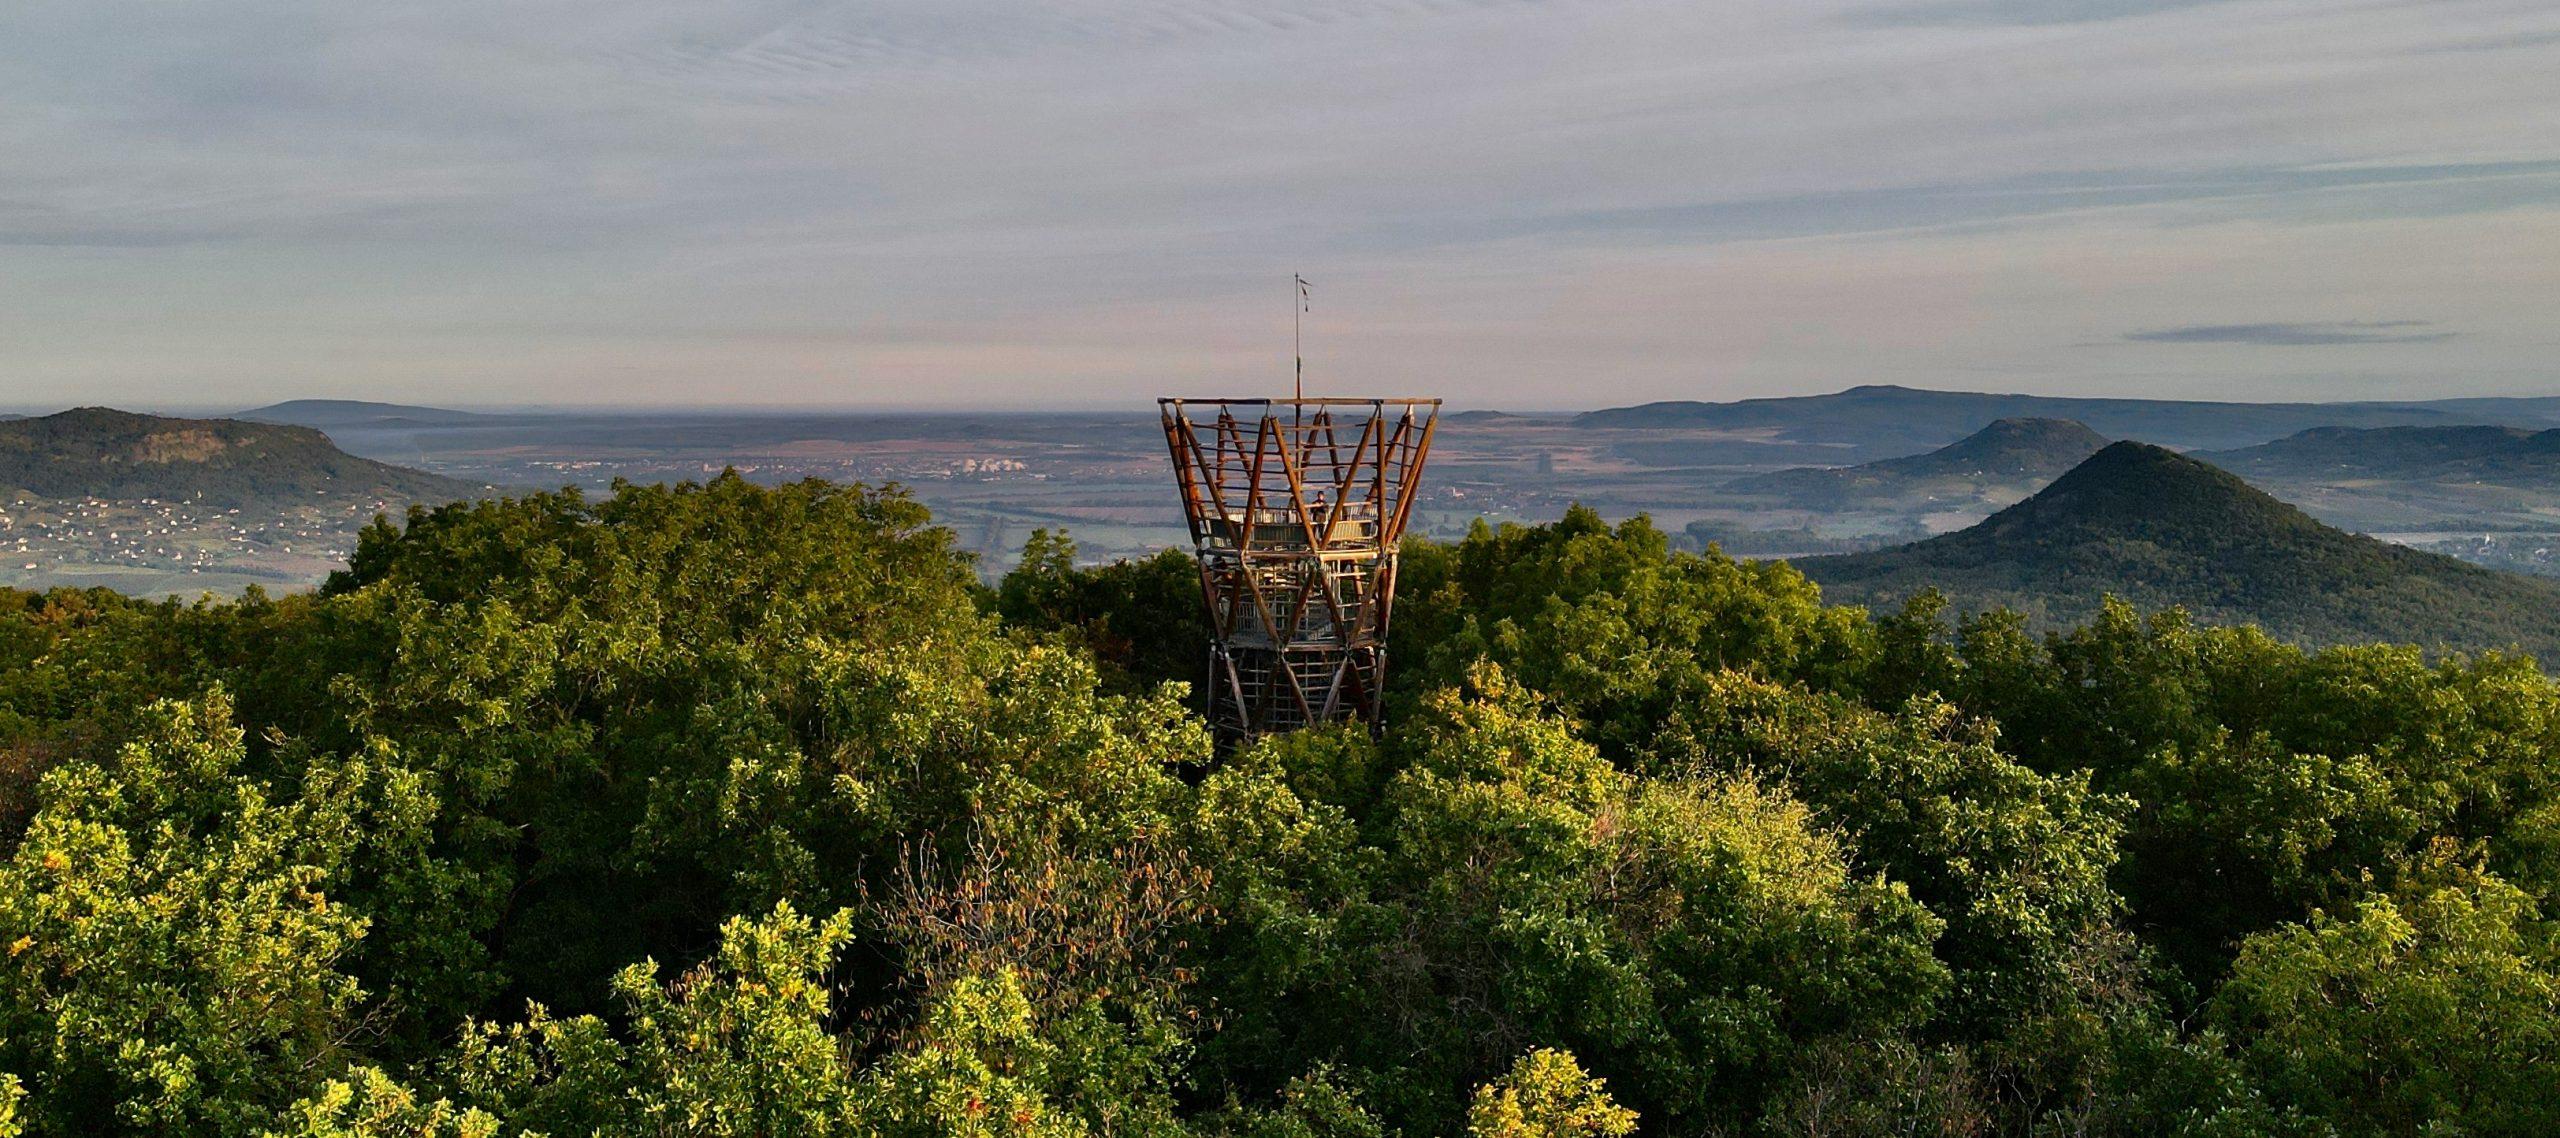 Magyarország legszebb helyei: 15 csodálatos kilátó, ahonnan pazar panorámában gyönyörködhetünk